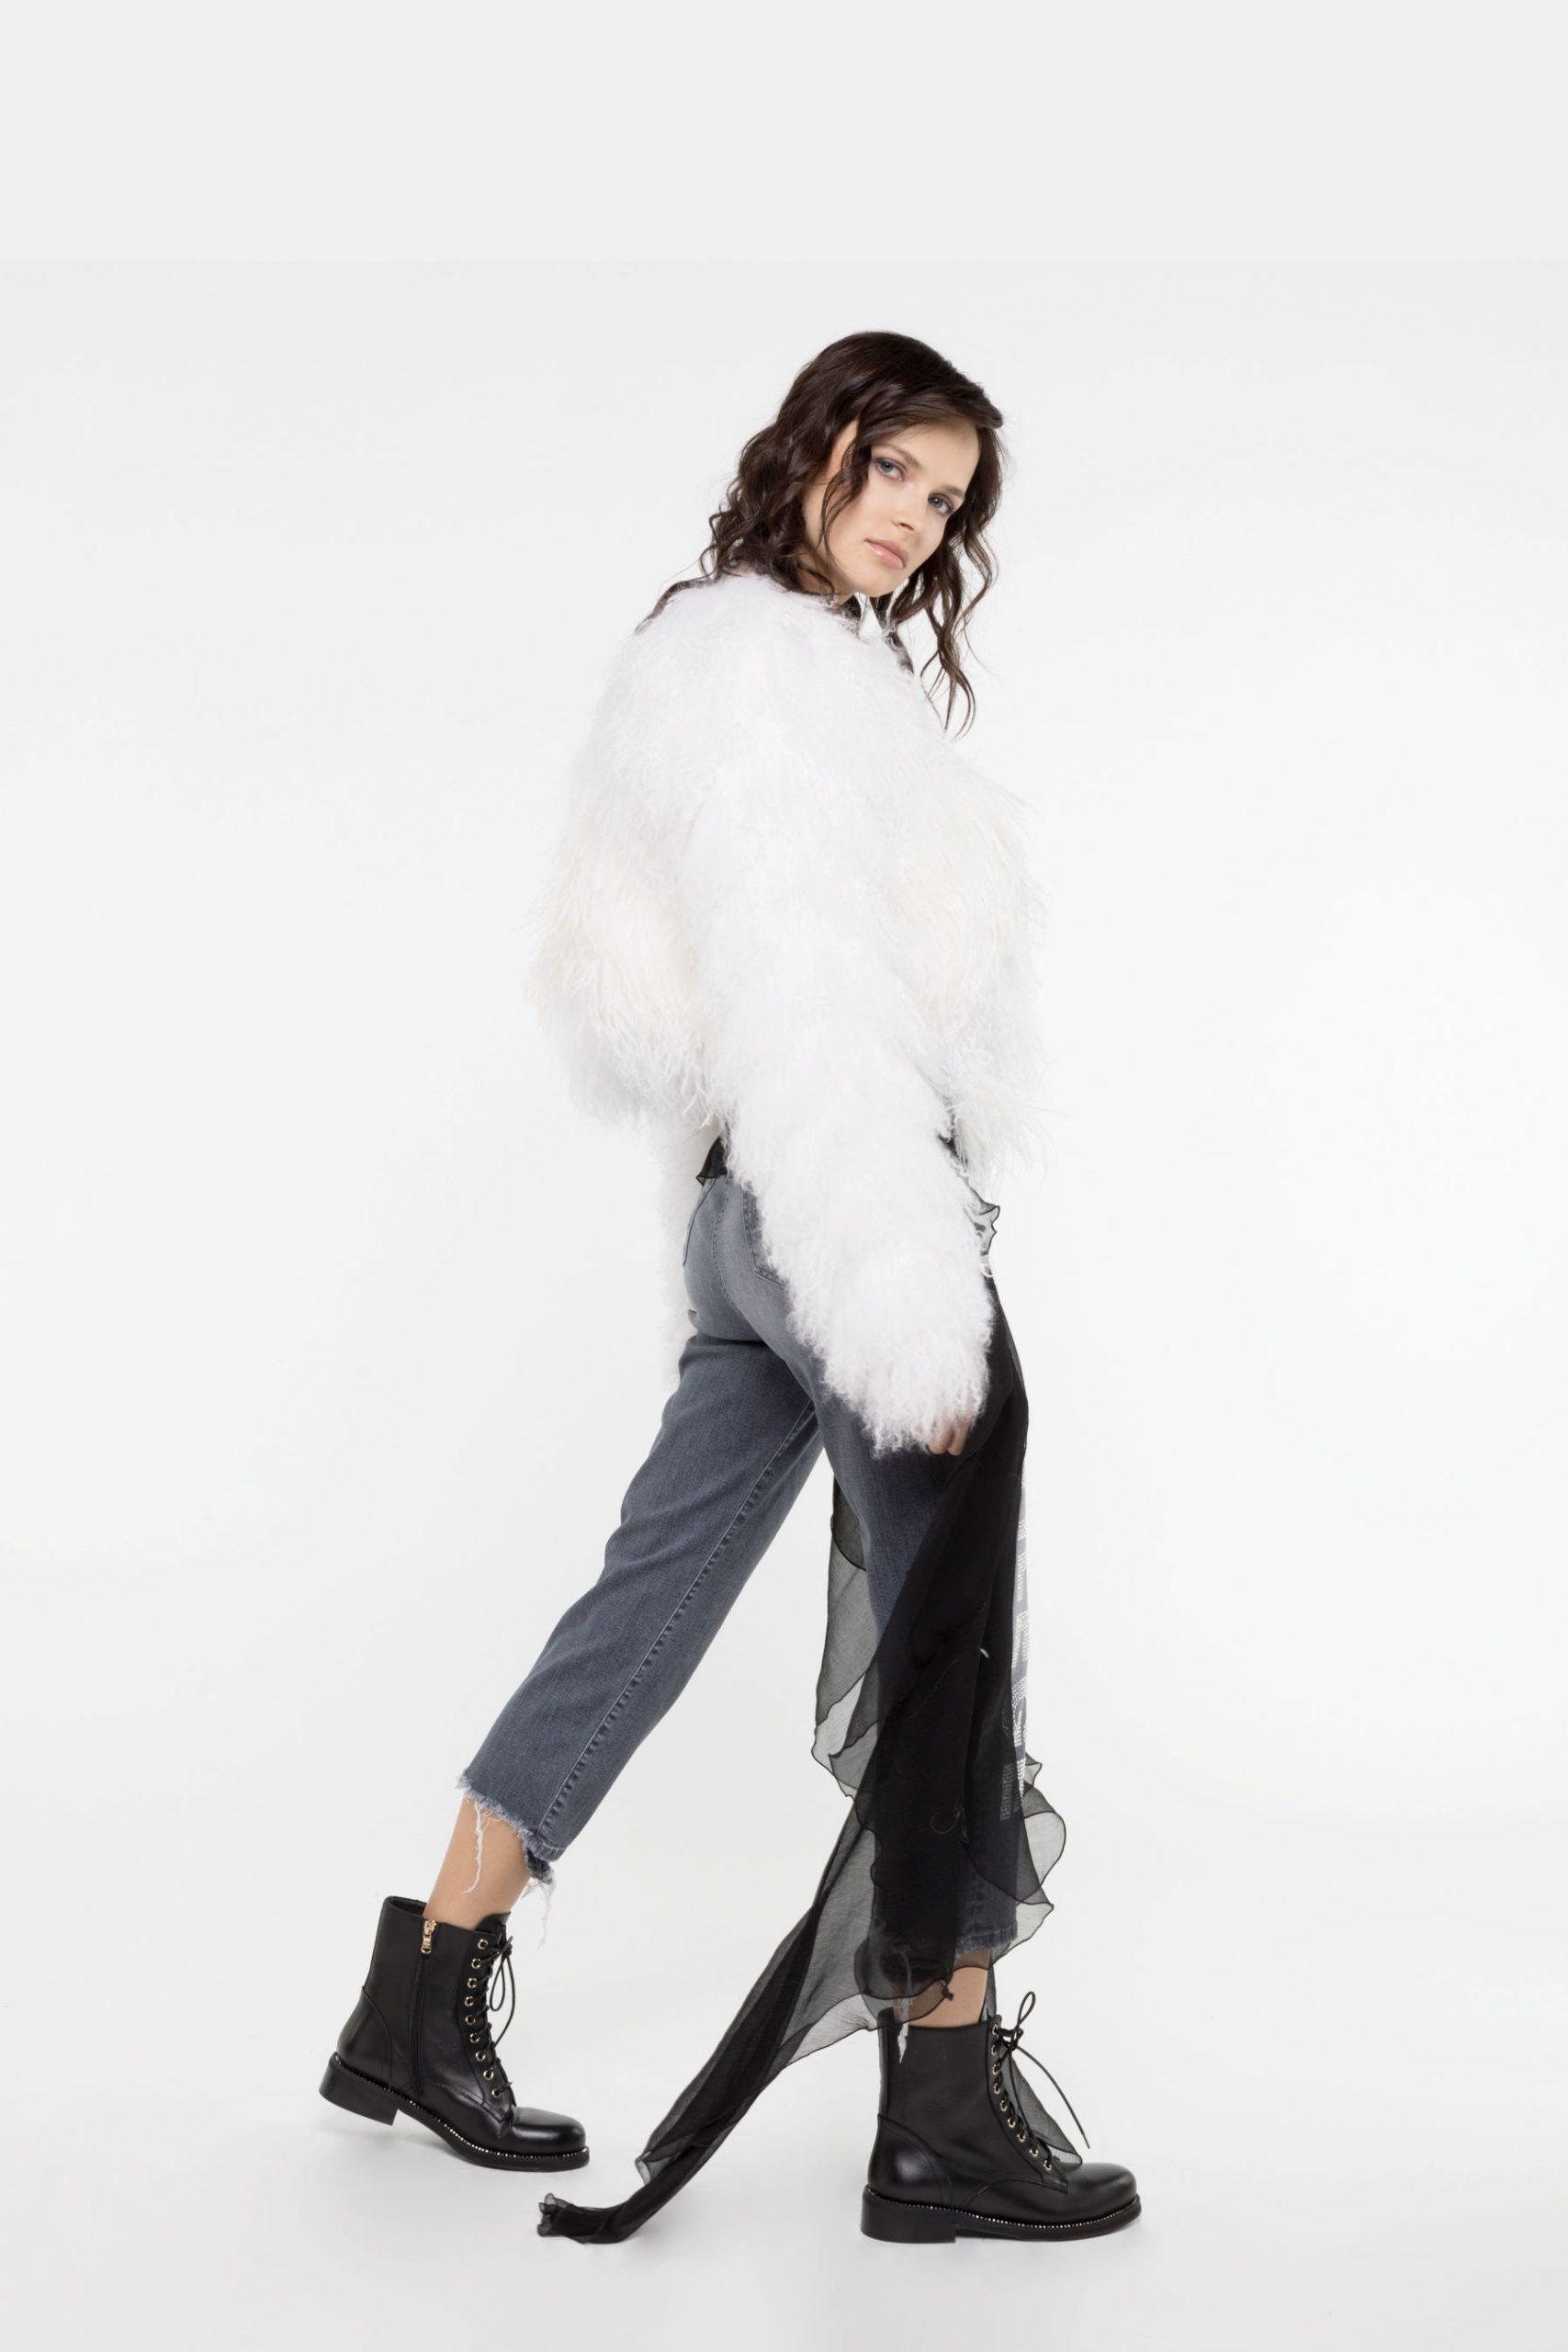 Abbigliamento Patrizia Pepe  Pelliccia Mongolia White female collezione 2020 shop the look